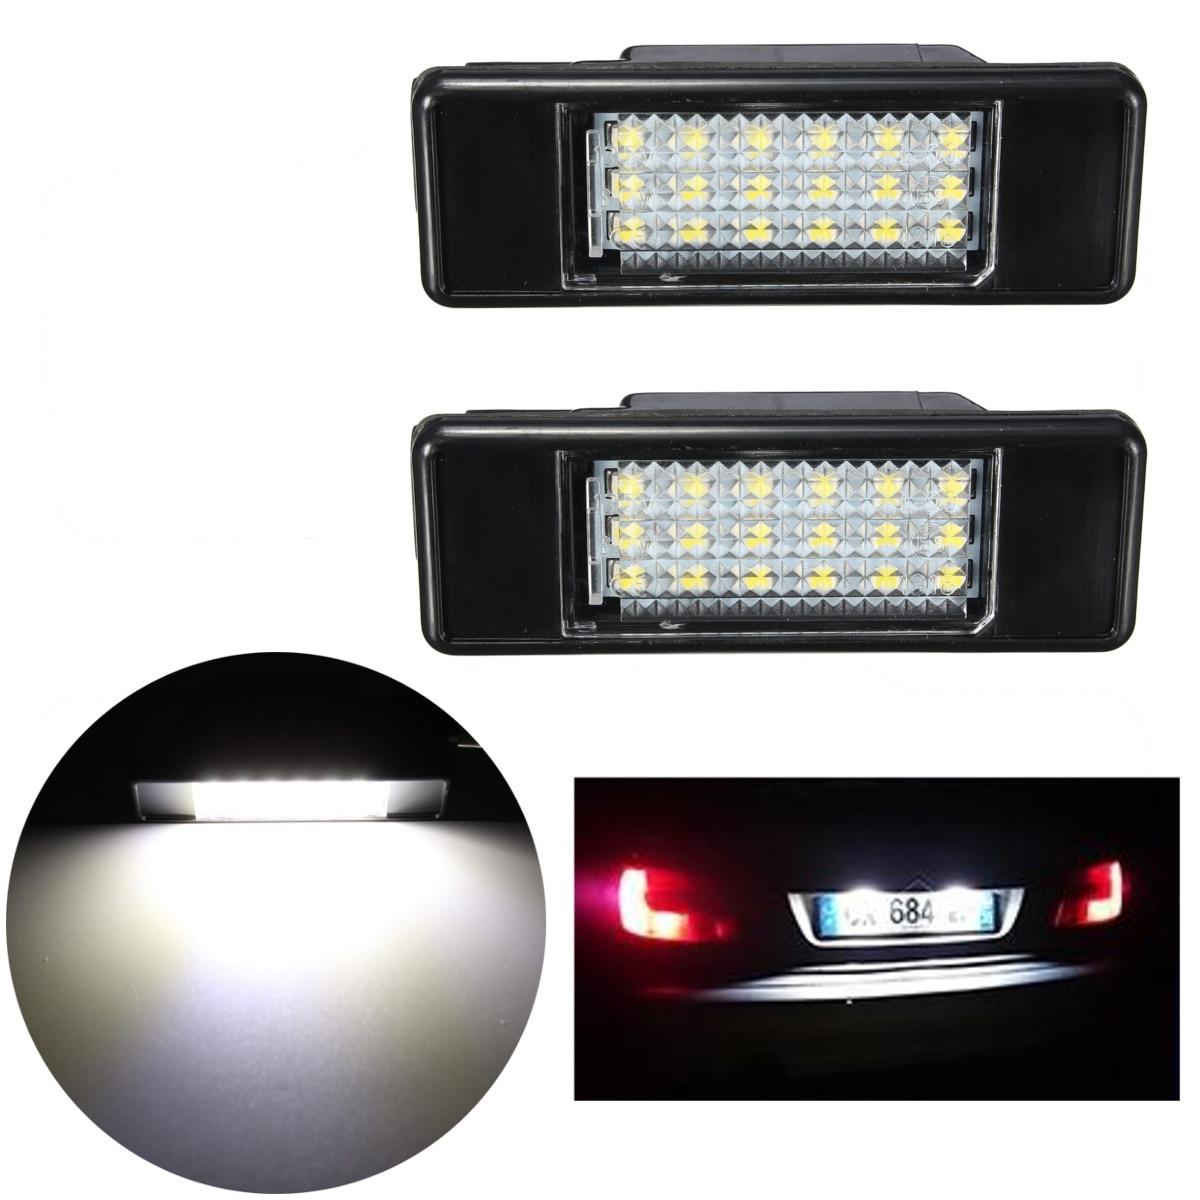 2x trasera de coche 18 LED SMD luz de placa de matrícula de la lámpara 6000K para Peugeot 106, 207, 307, 308, 406, 407, 508 para CITROEN C3 C4 C5 C6 C8